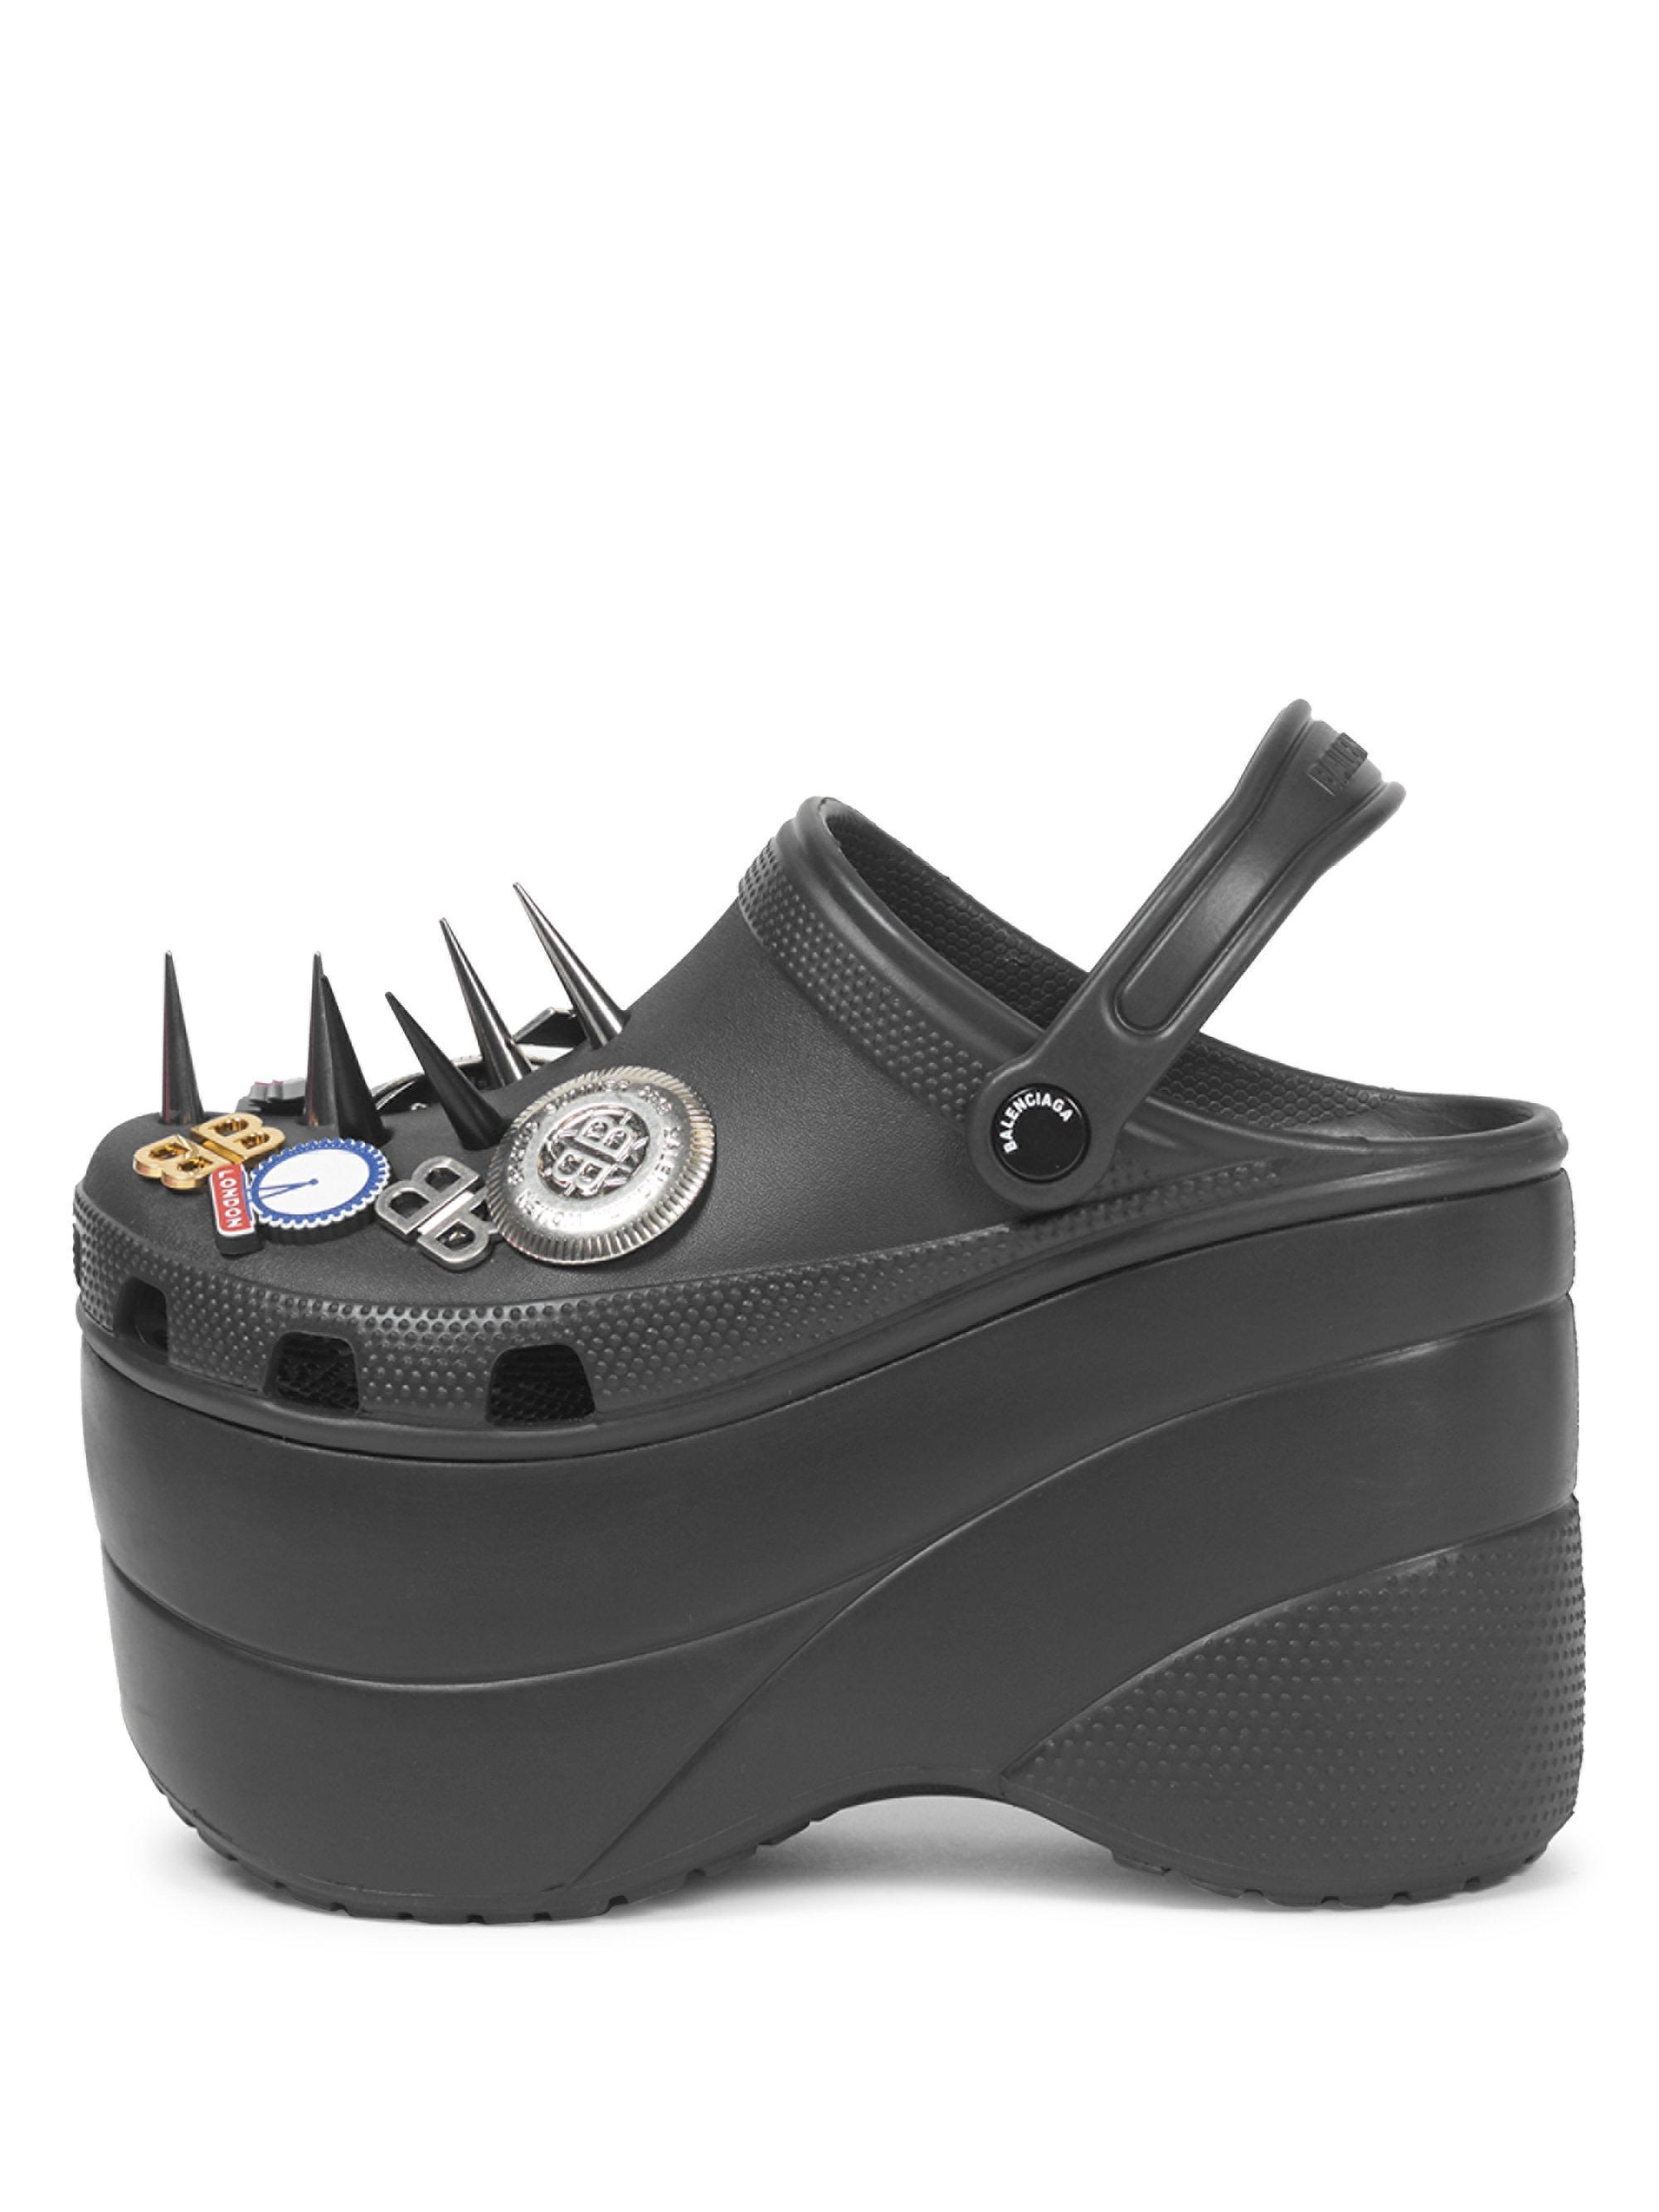 c6b1cf85badff Lyst - Balenciaga Black Foam Platform Crocs With Spikes in Black